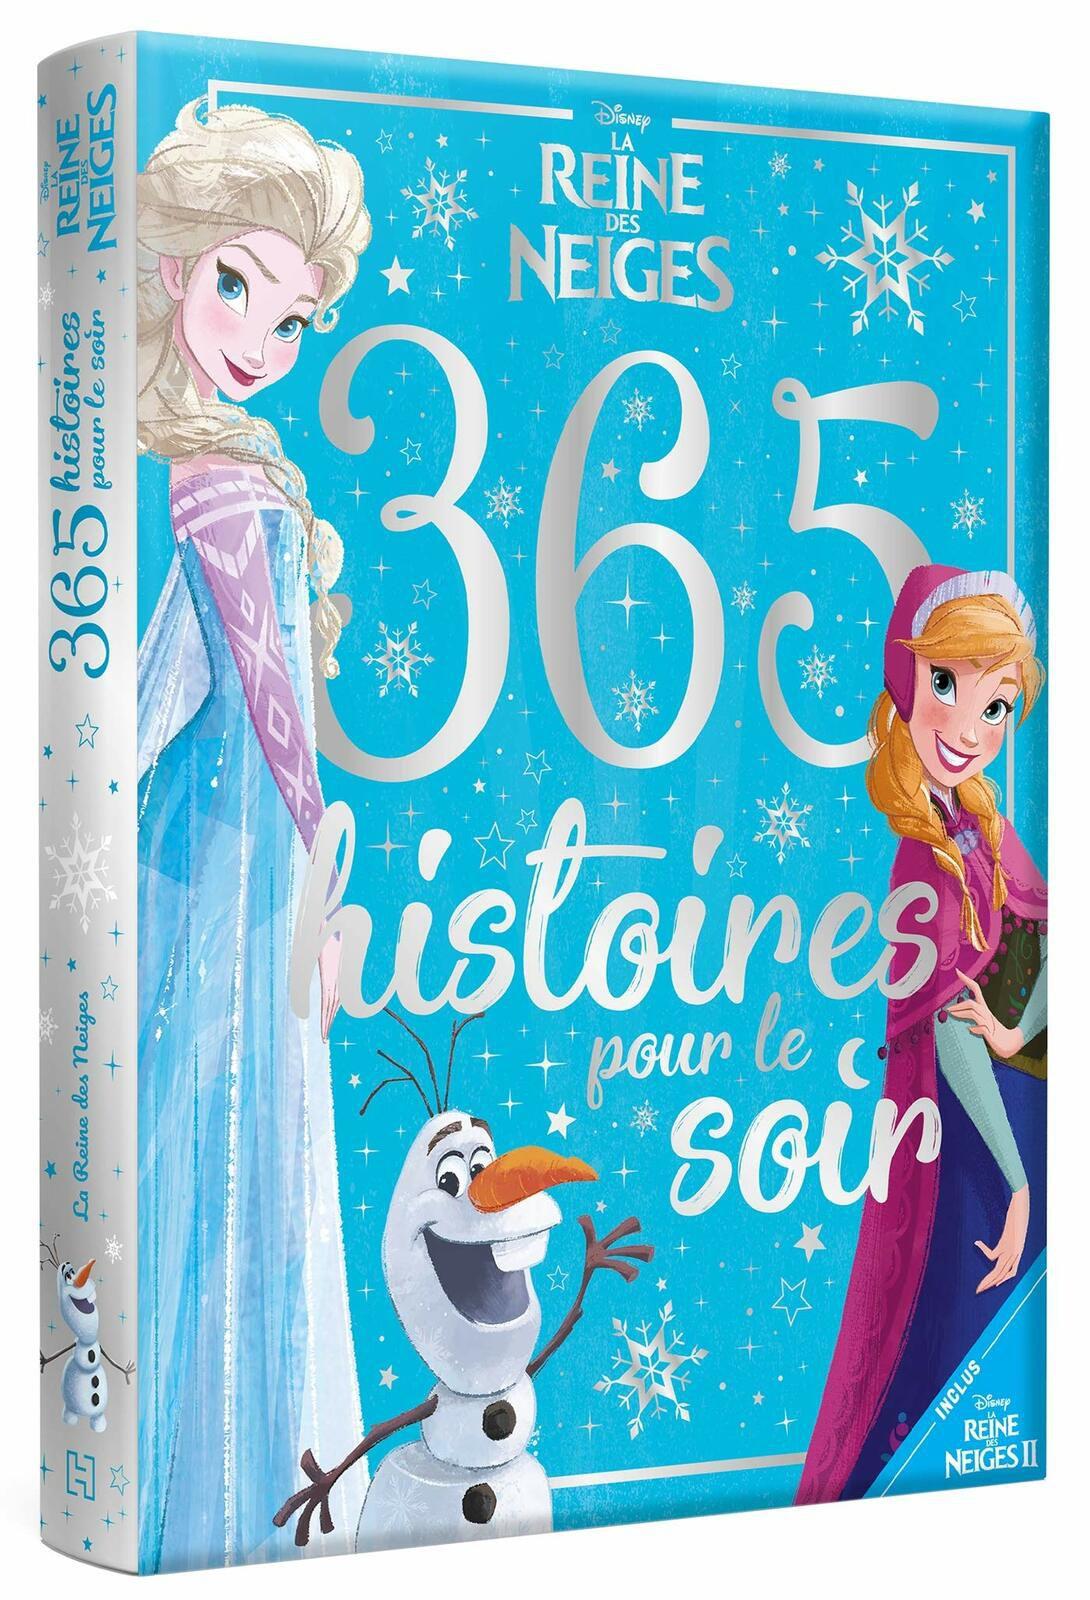 Anna aime Elsa - 20 Janvier (La Reine des Neiges - 365 histoires du soir) [Dossier Lecture][Reine des Neiges][Maternelle][CP]